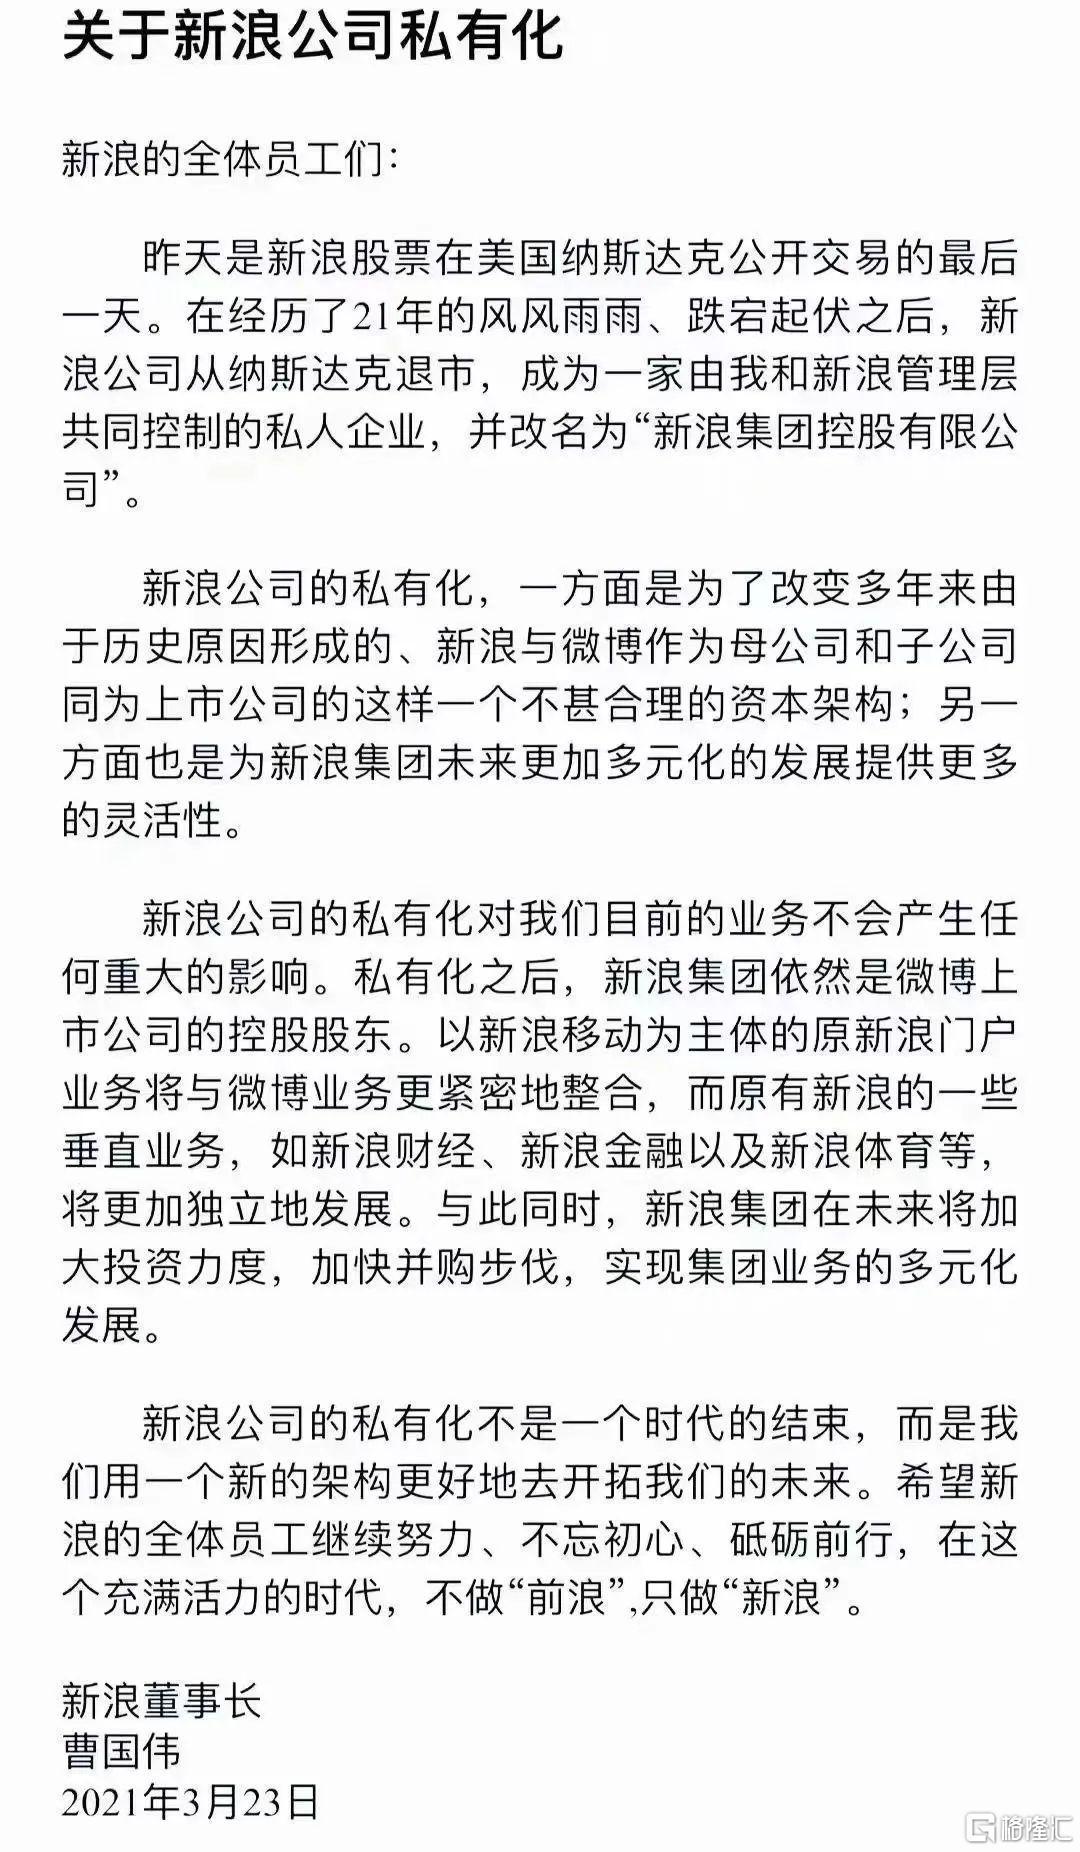 新浪宣布完成私有化,曹国伟:以新架构去开拓未来